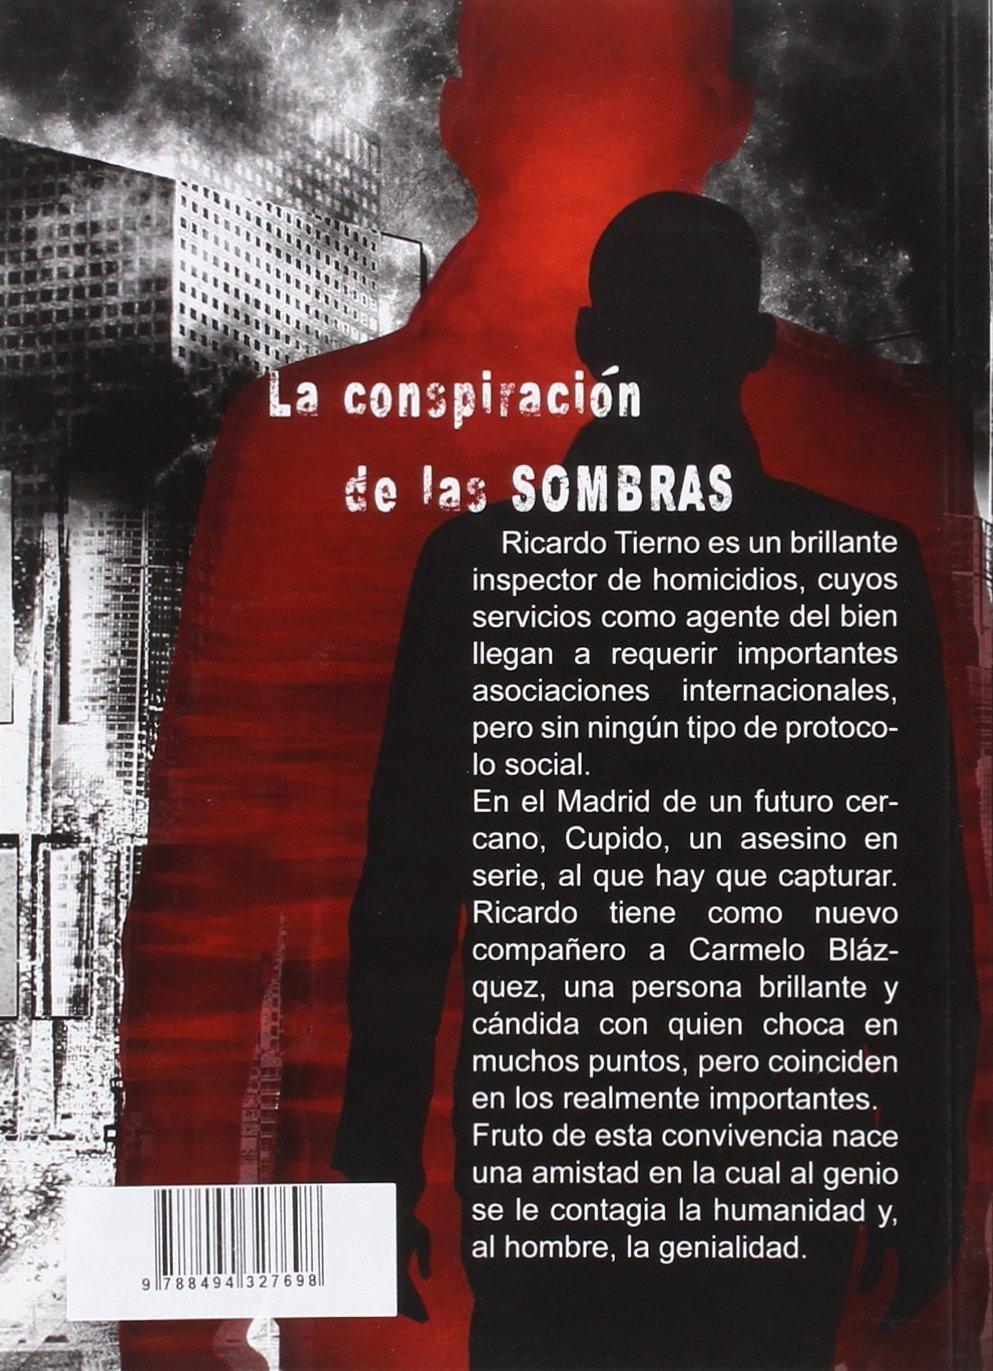 La conspiración de las sombras